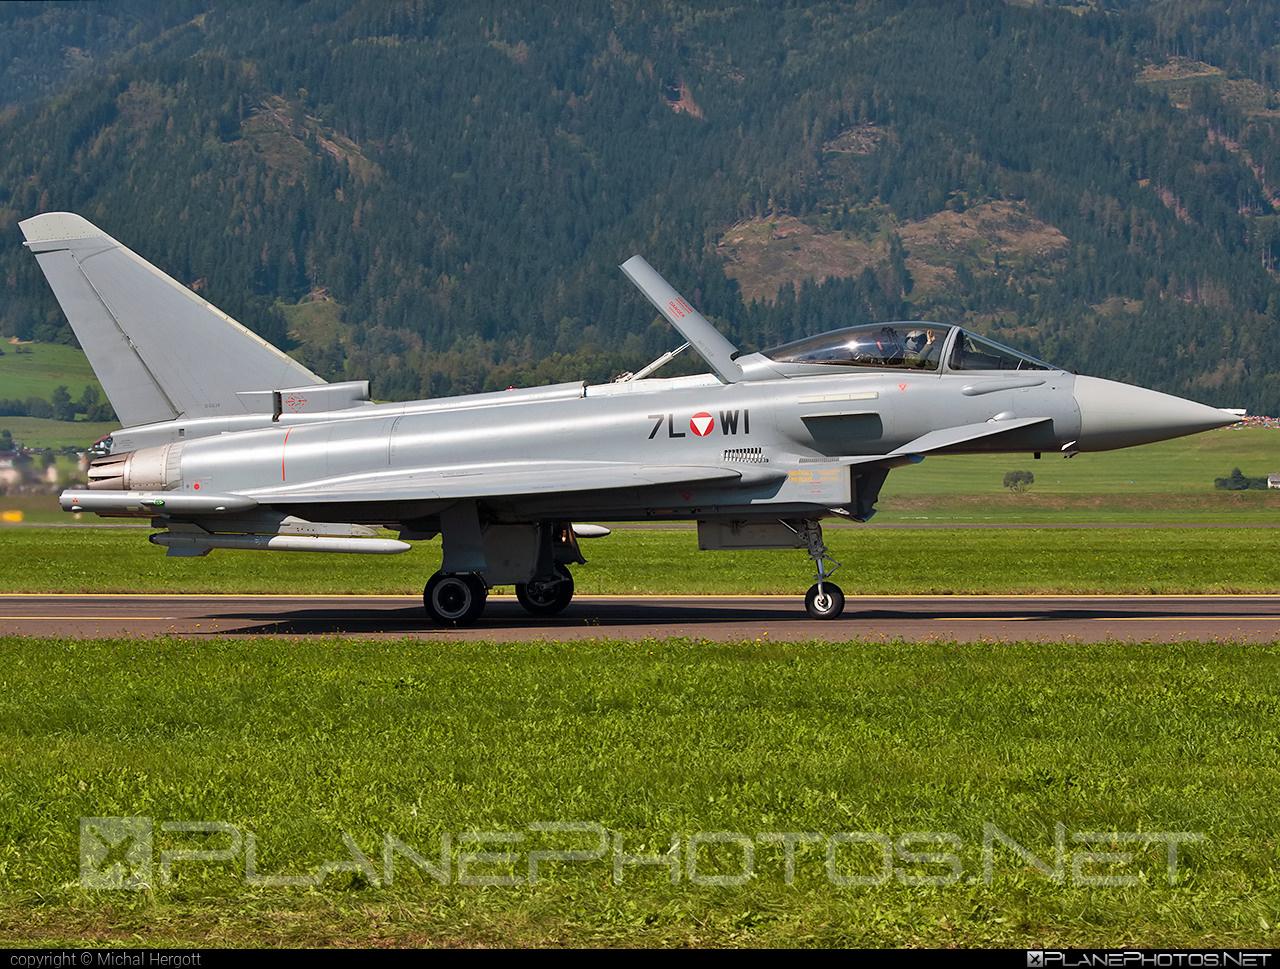 Eurofighter Typhoon S - 7L-WI operated by Österreichische Luftstreitkräfte (Austrian Air Force) #airpower2016 #austrianairforce #eurofighter #typhoon